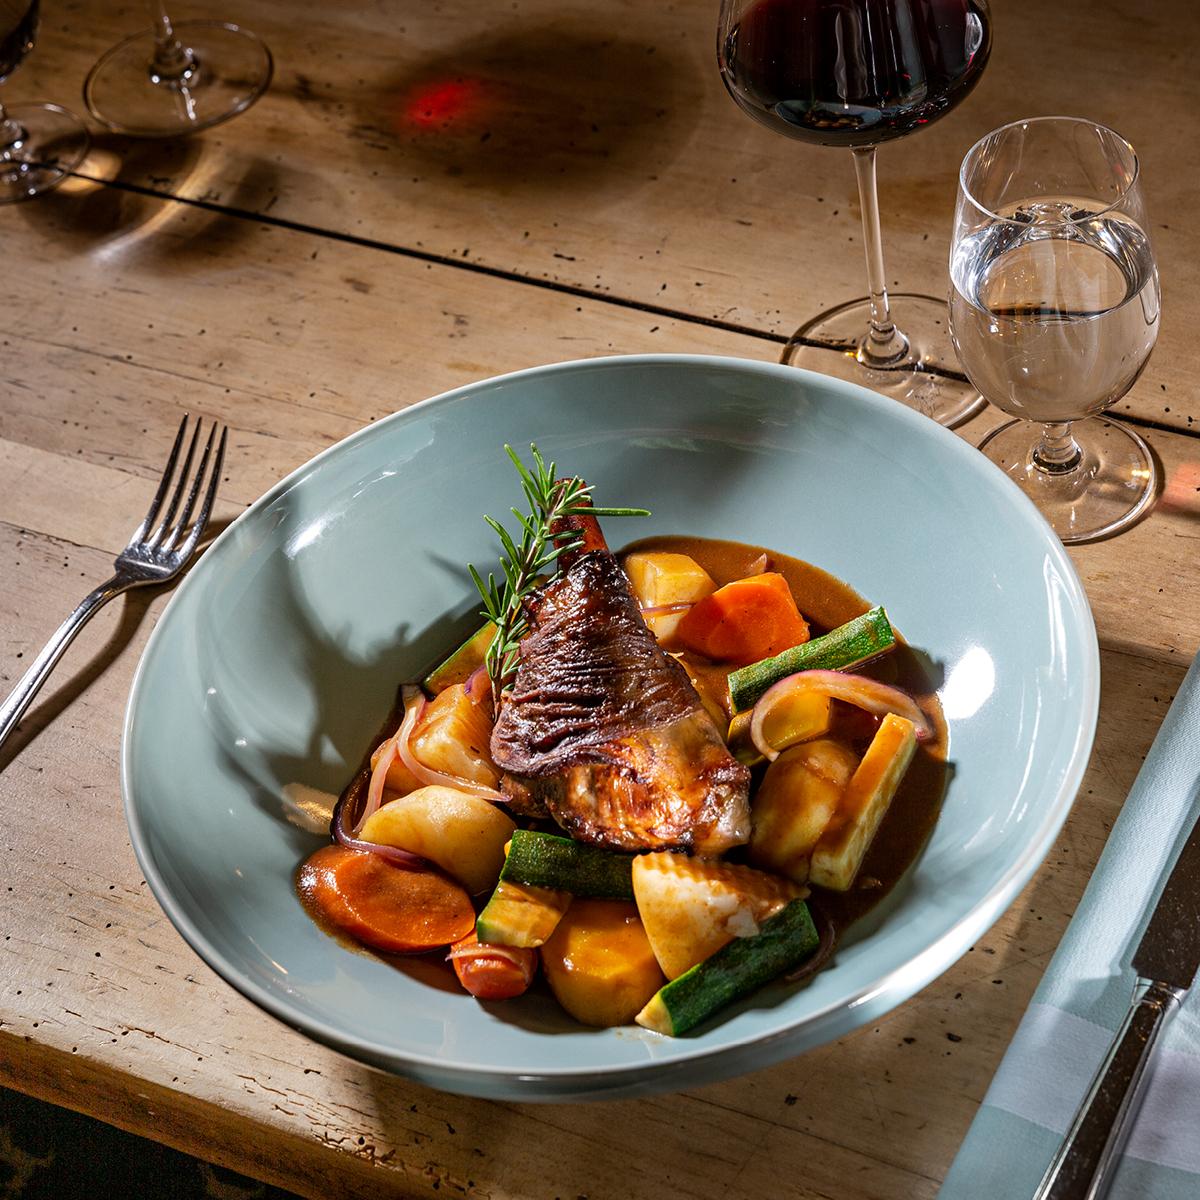 Das Bild zeigt einen Holztisch und ein Fleischgericht mit viel Gemüse.